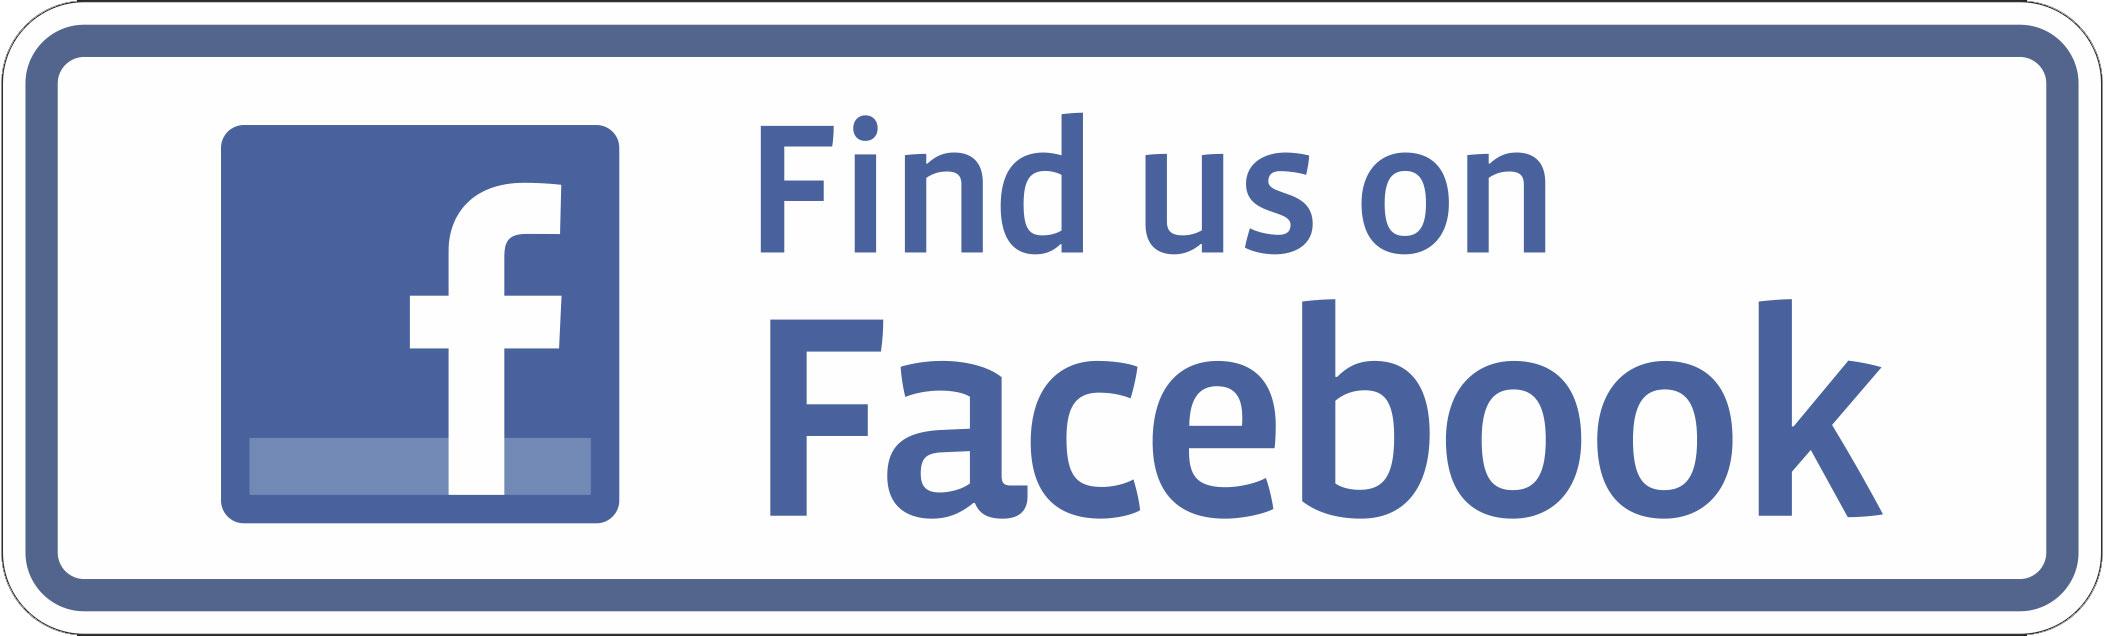 2104x636 Find Us On Facebook Vector Png Transparent Find Us On Facebook